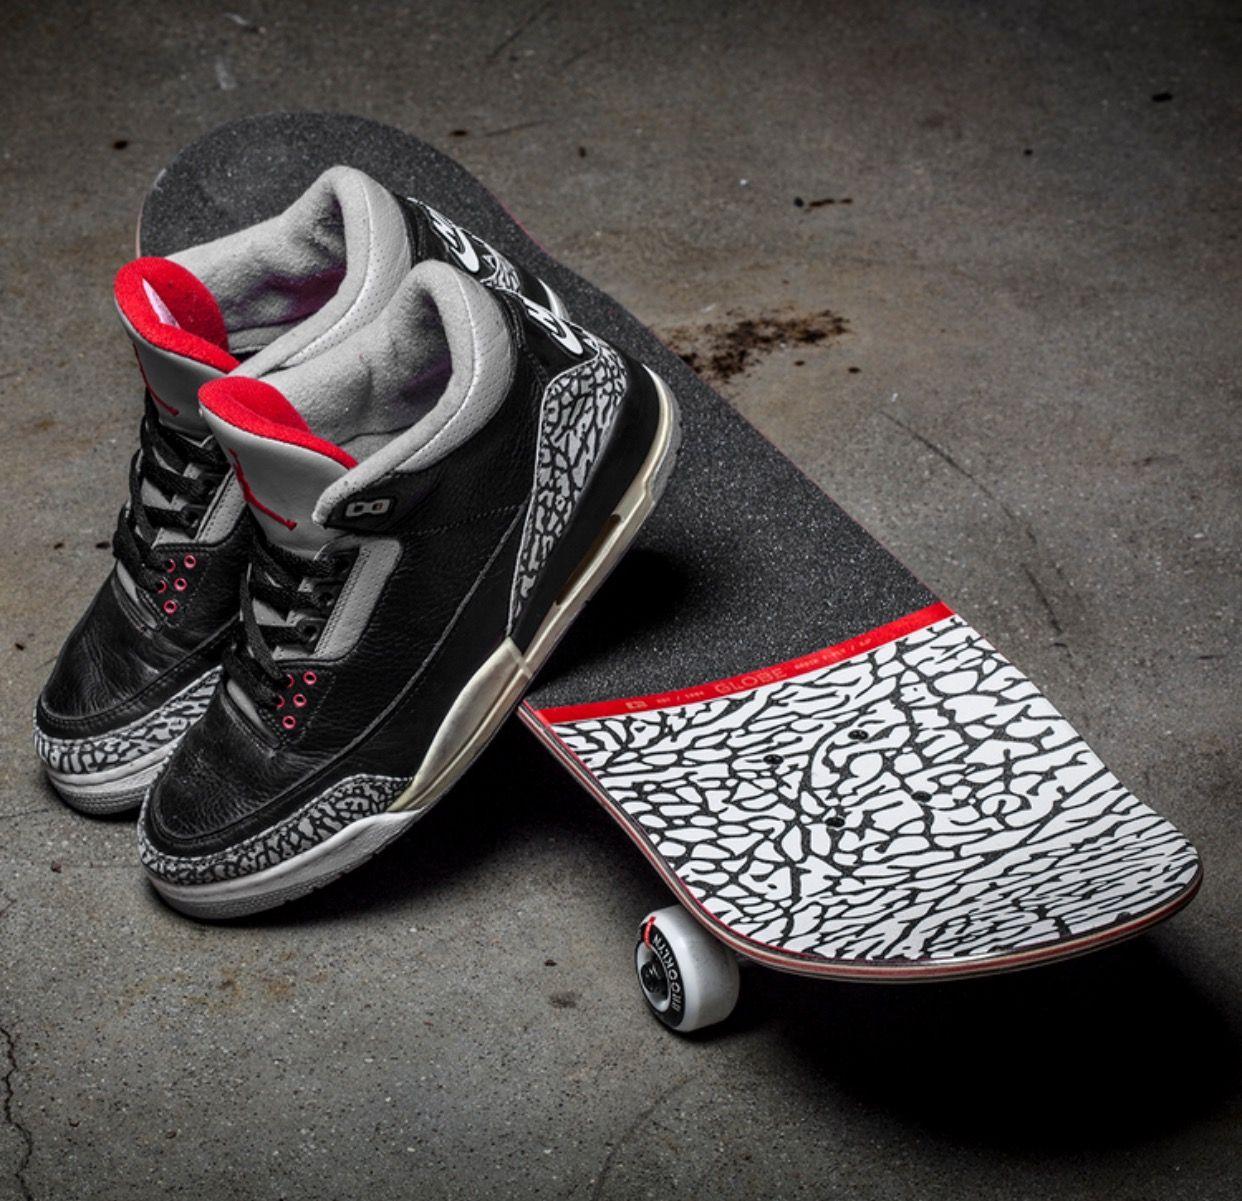 Sneakers, Air jordans, Air jordan